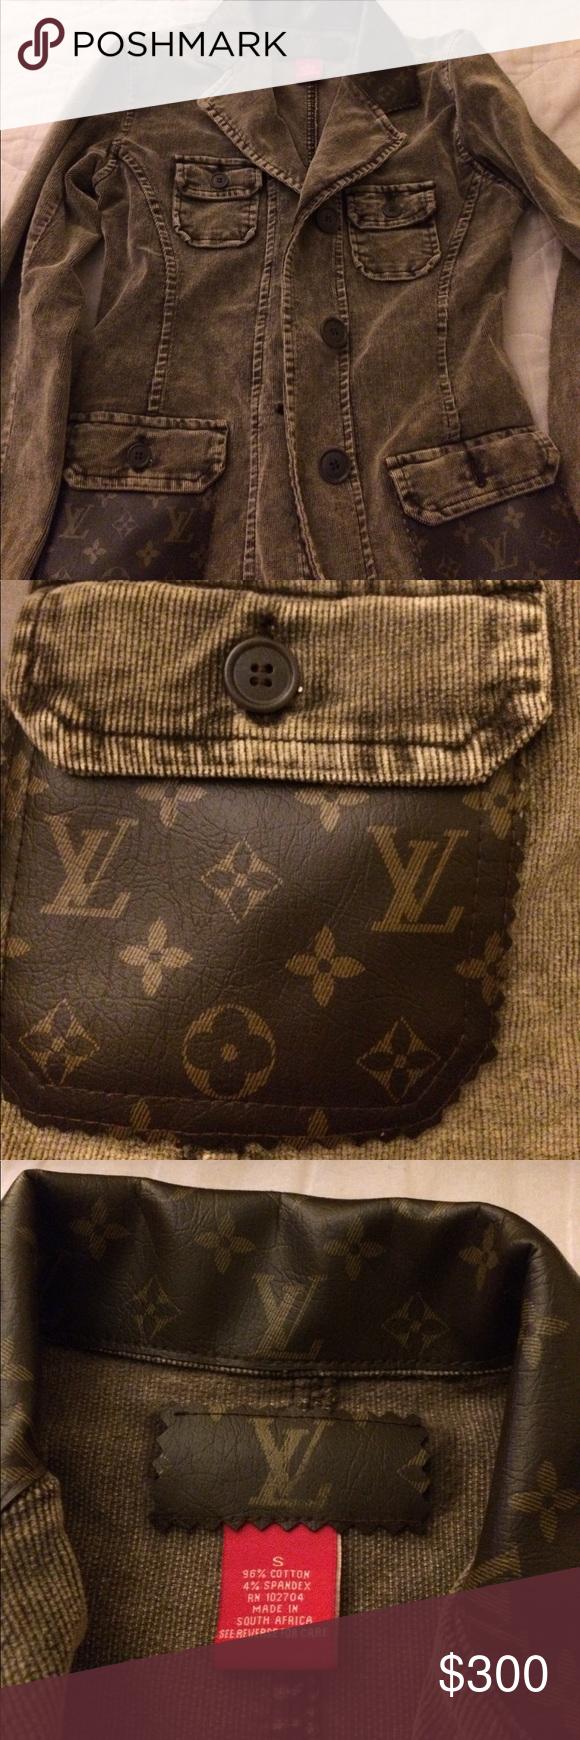 Louis Vuitton jacket Clothes design, Fashion design